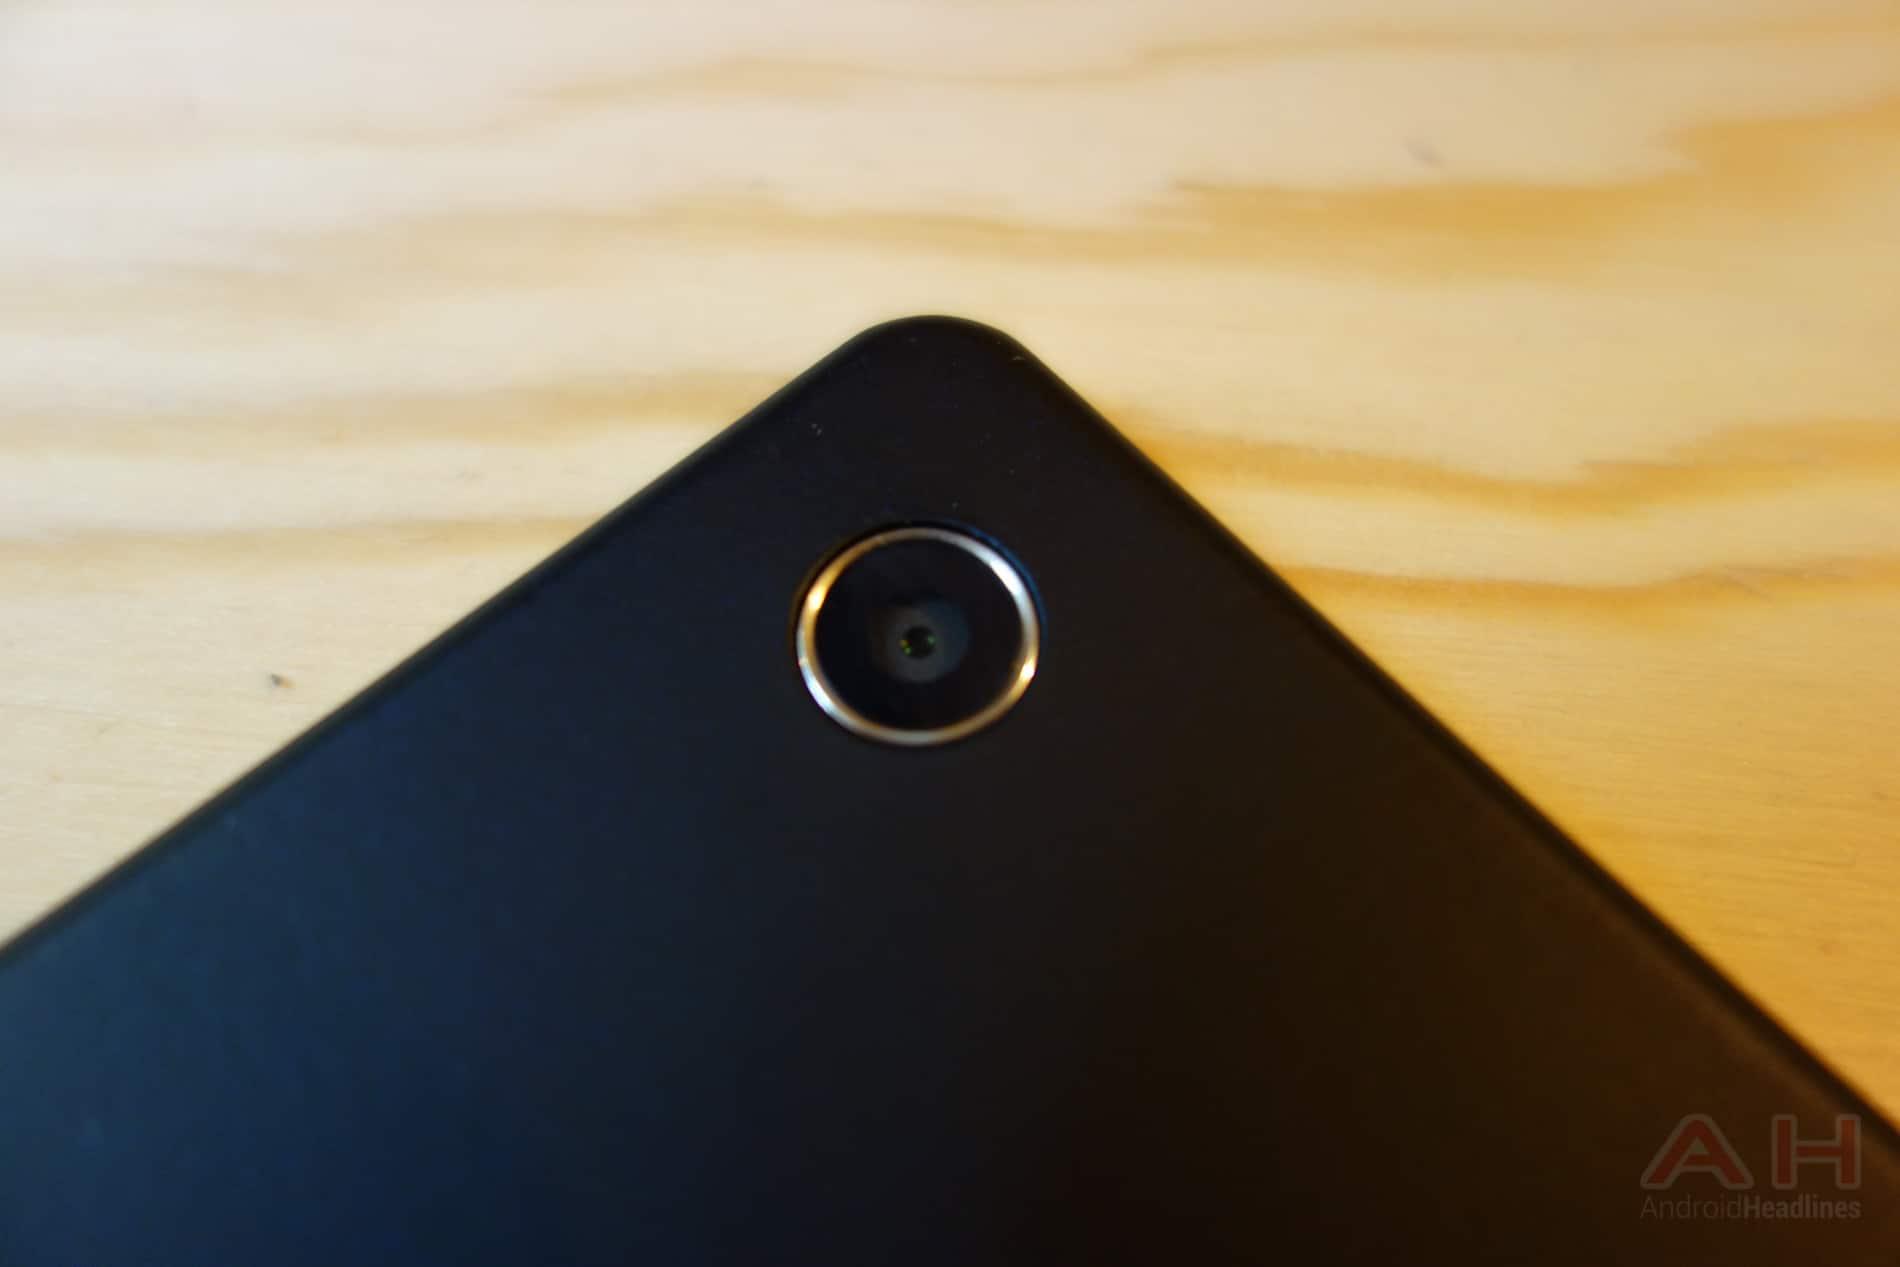 Sony-Xperia-Z2-Tablet-Verizon-AH-1